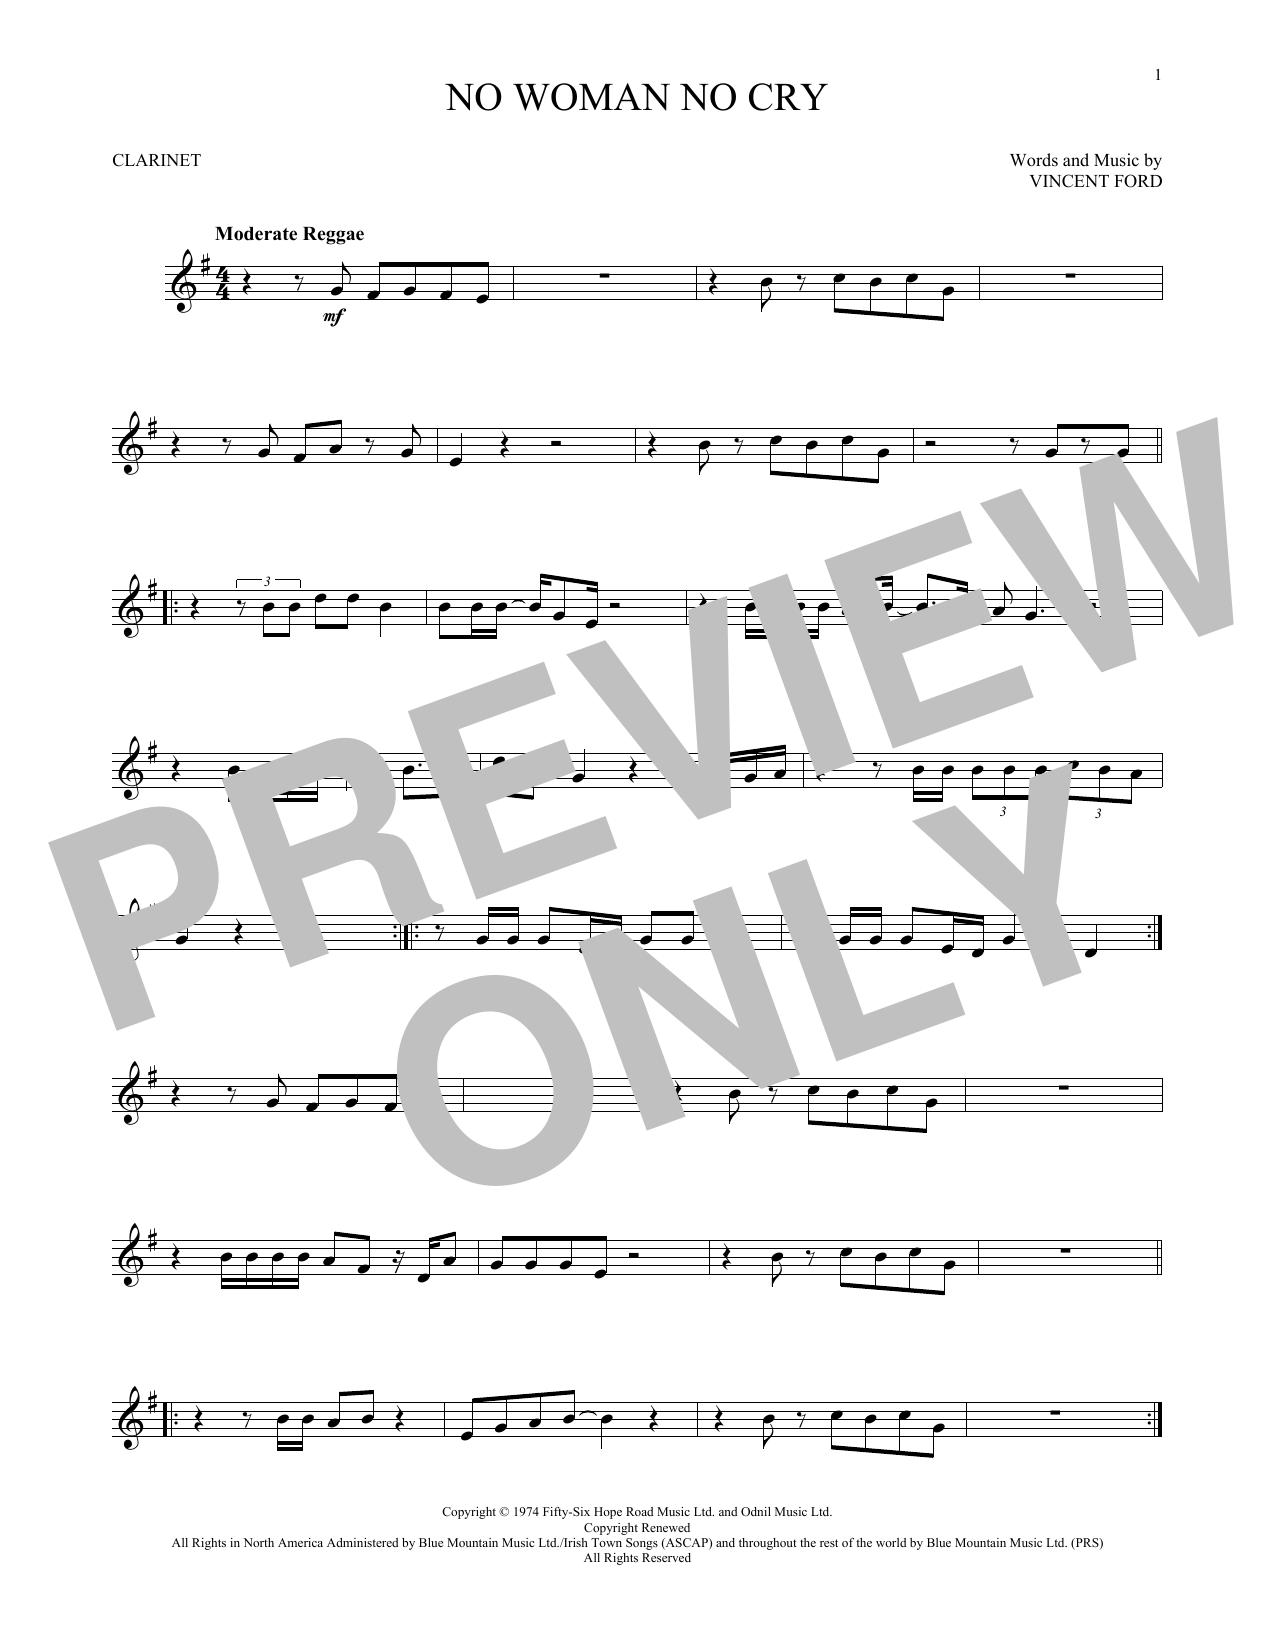 No Woman No Cry (Clarinet Solo)